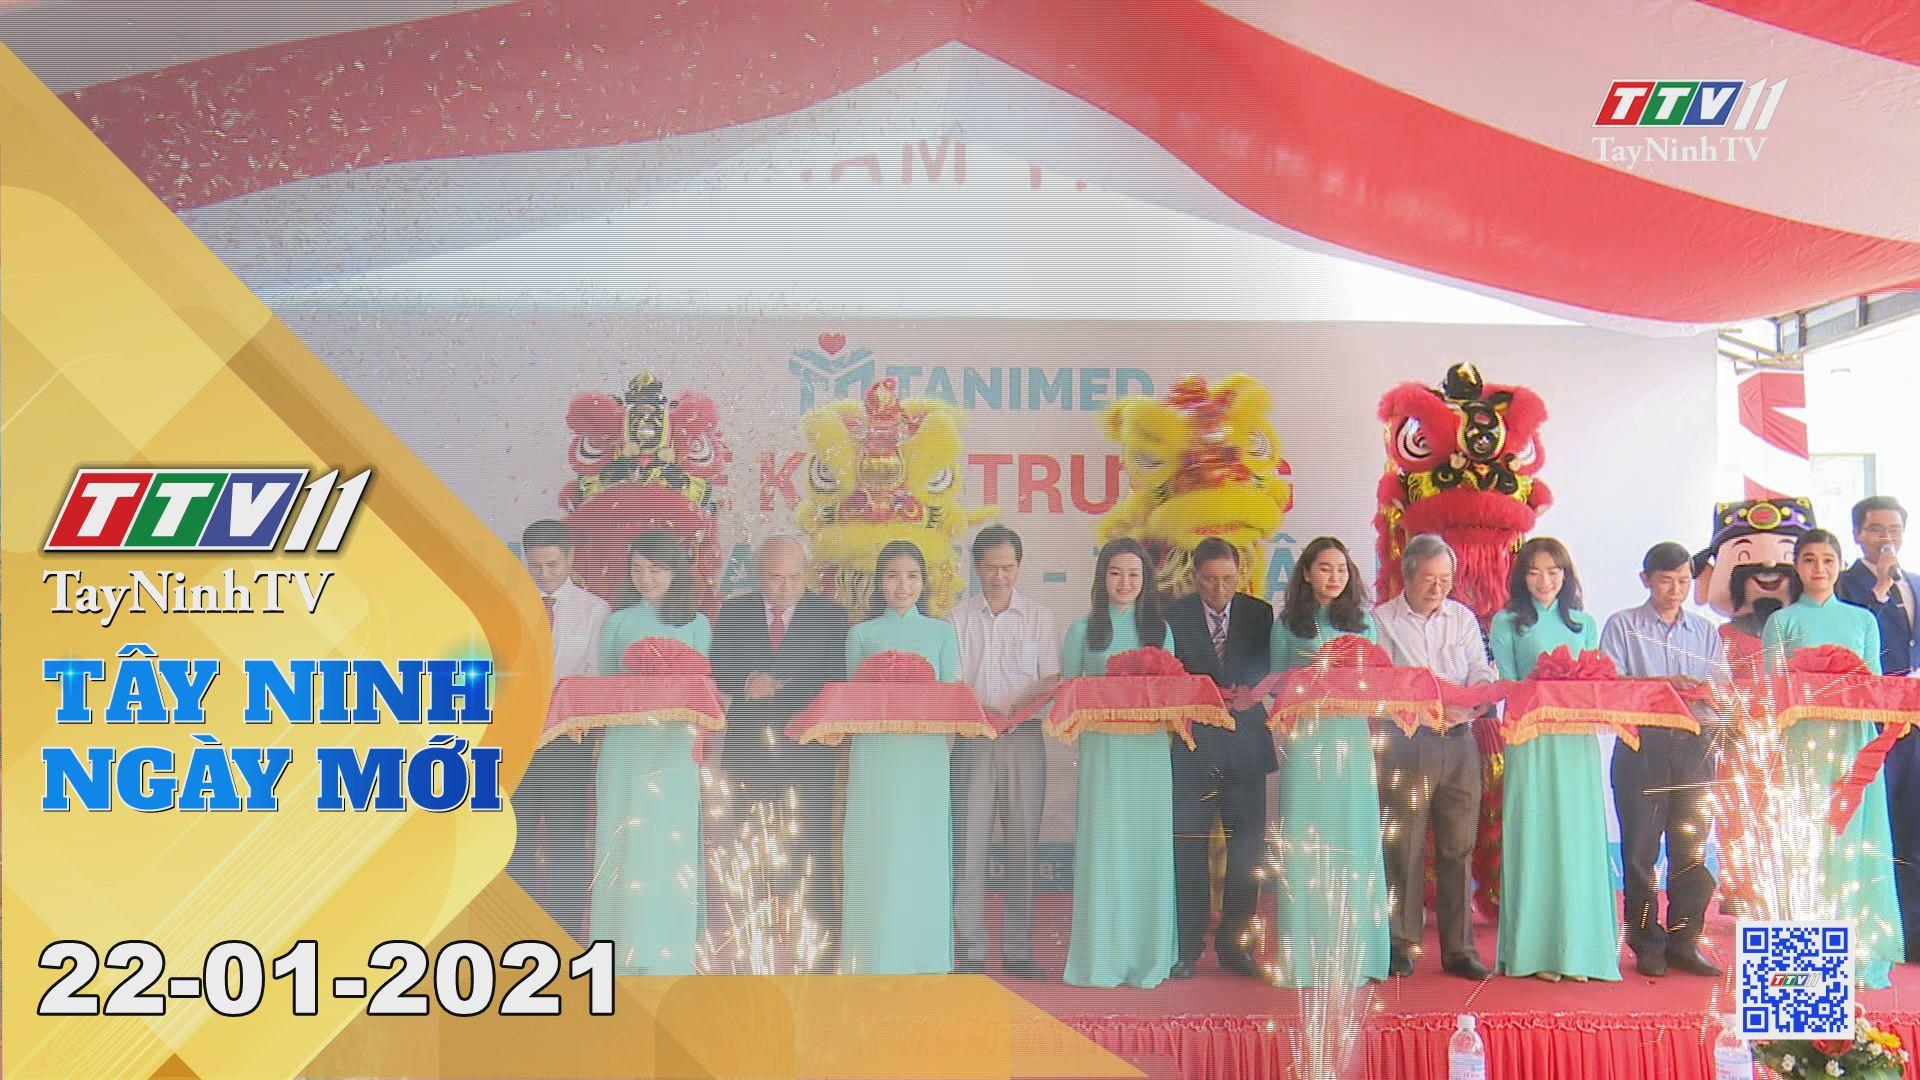 Tây Ninh Ngày Mới 22-01-2021 | Tin tức hôm nay | TayNinhTV